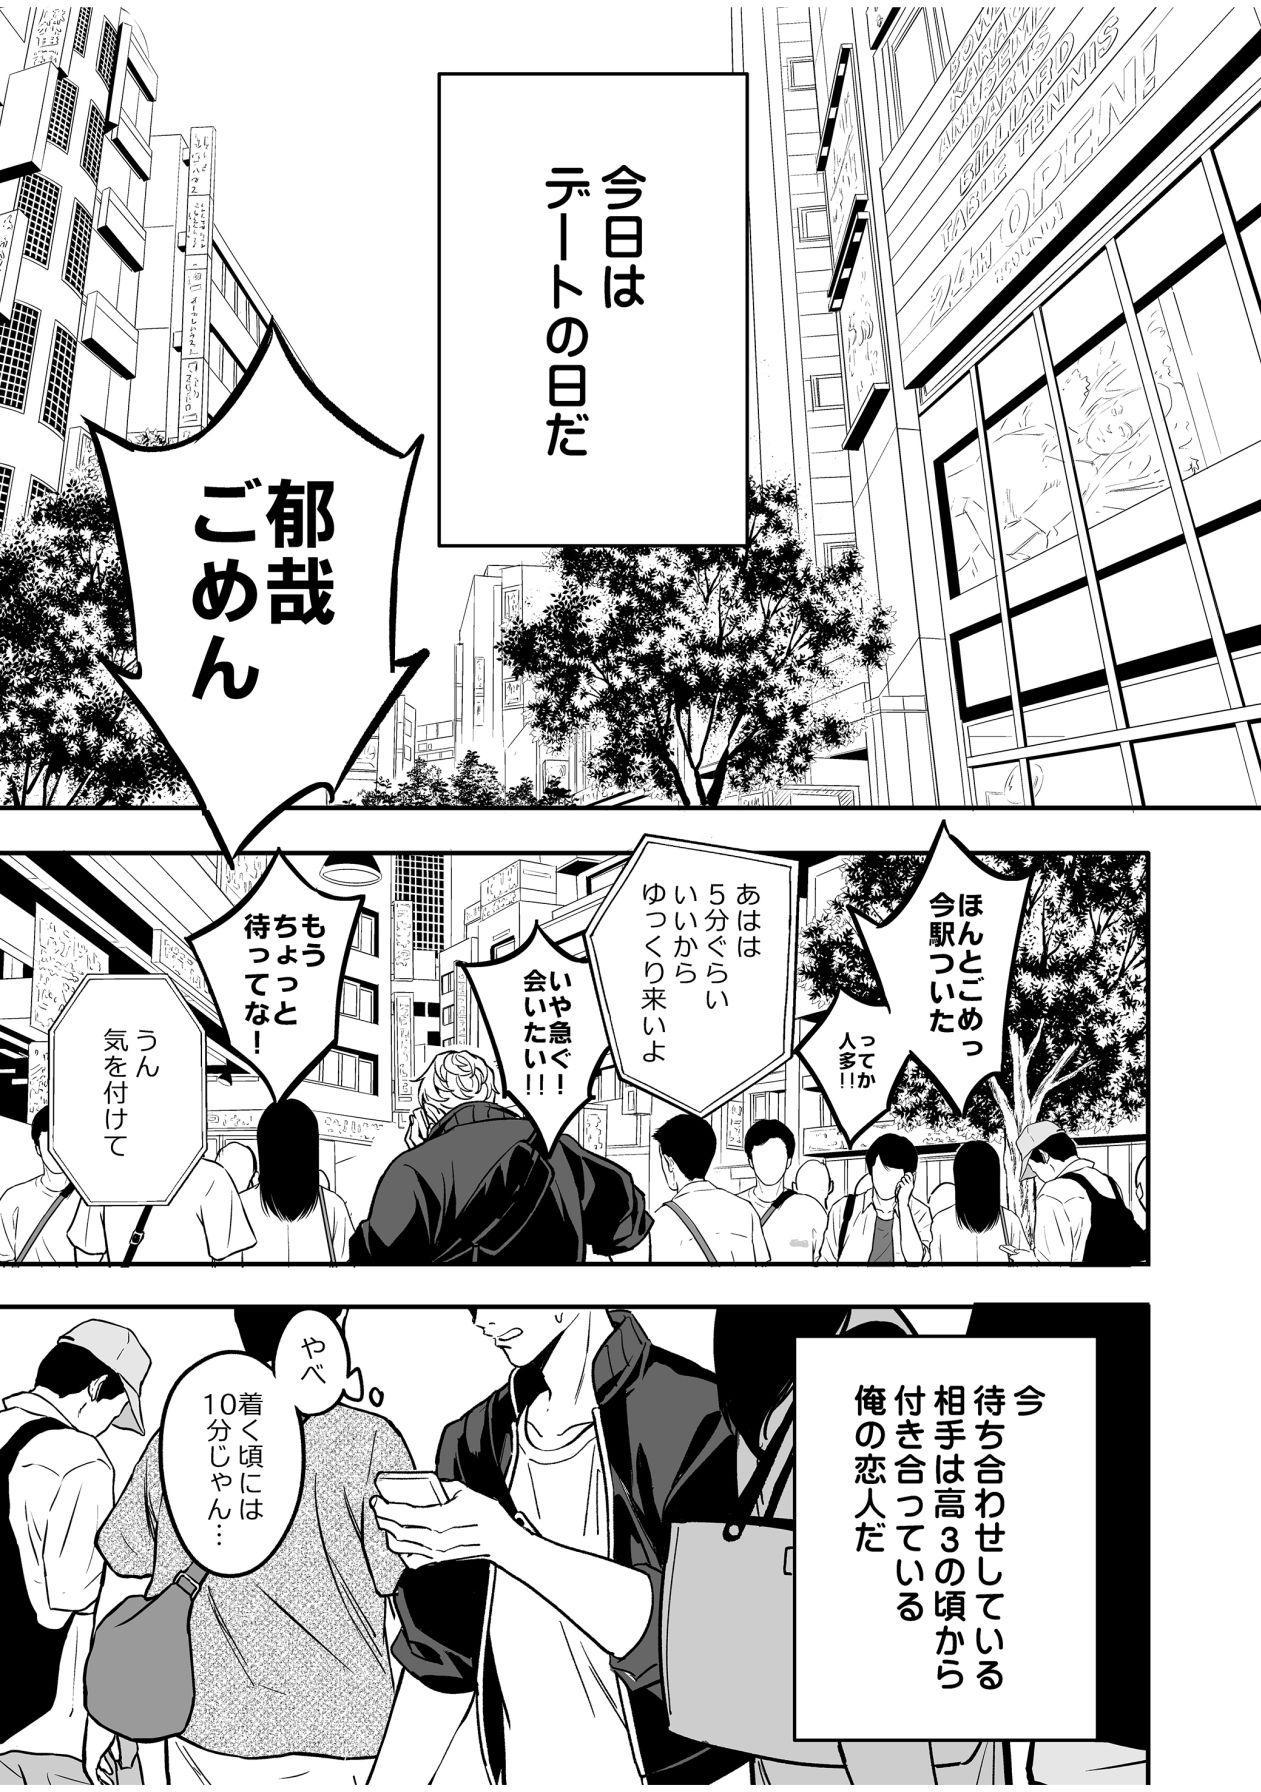 Kō seinen kappuru wa kyūjitsu no dēto ga tanoshimi de shikatanai 3